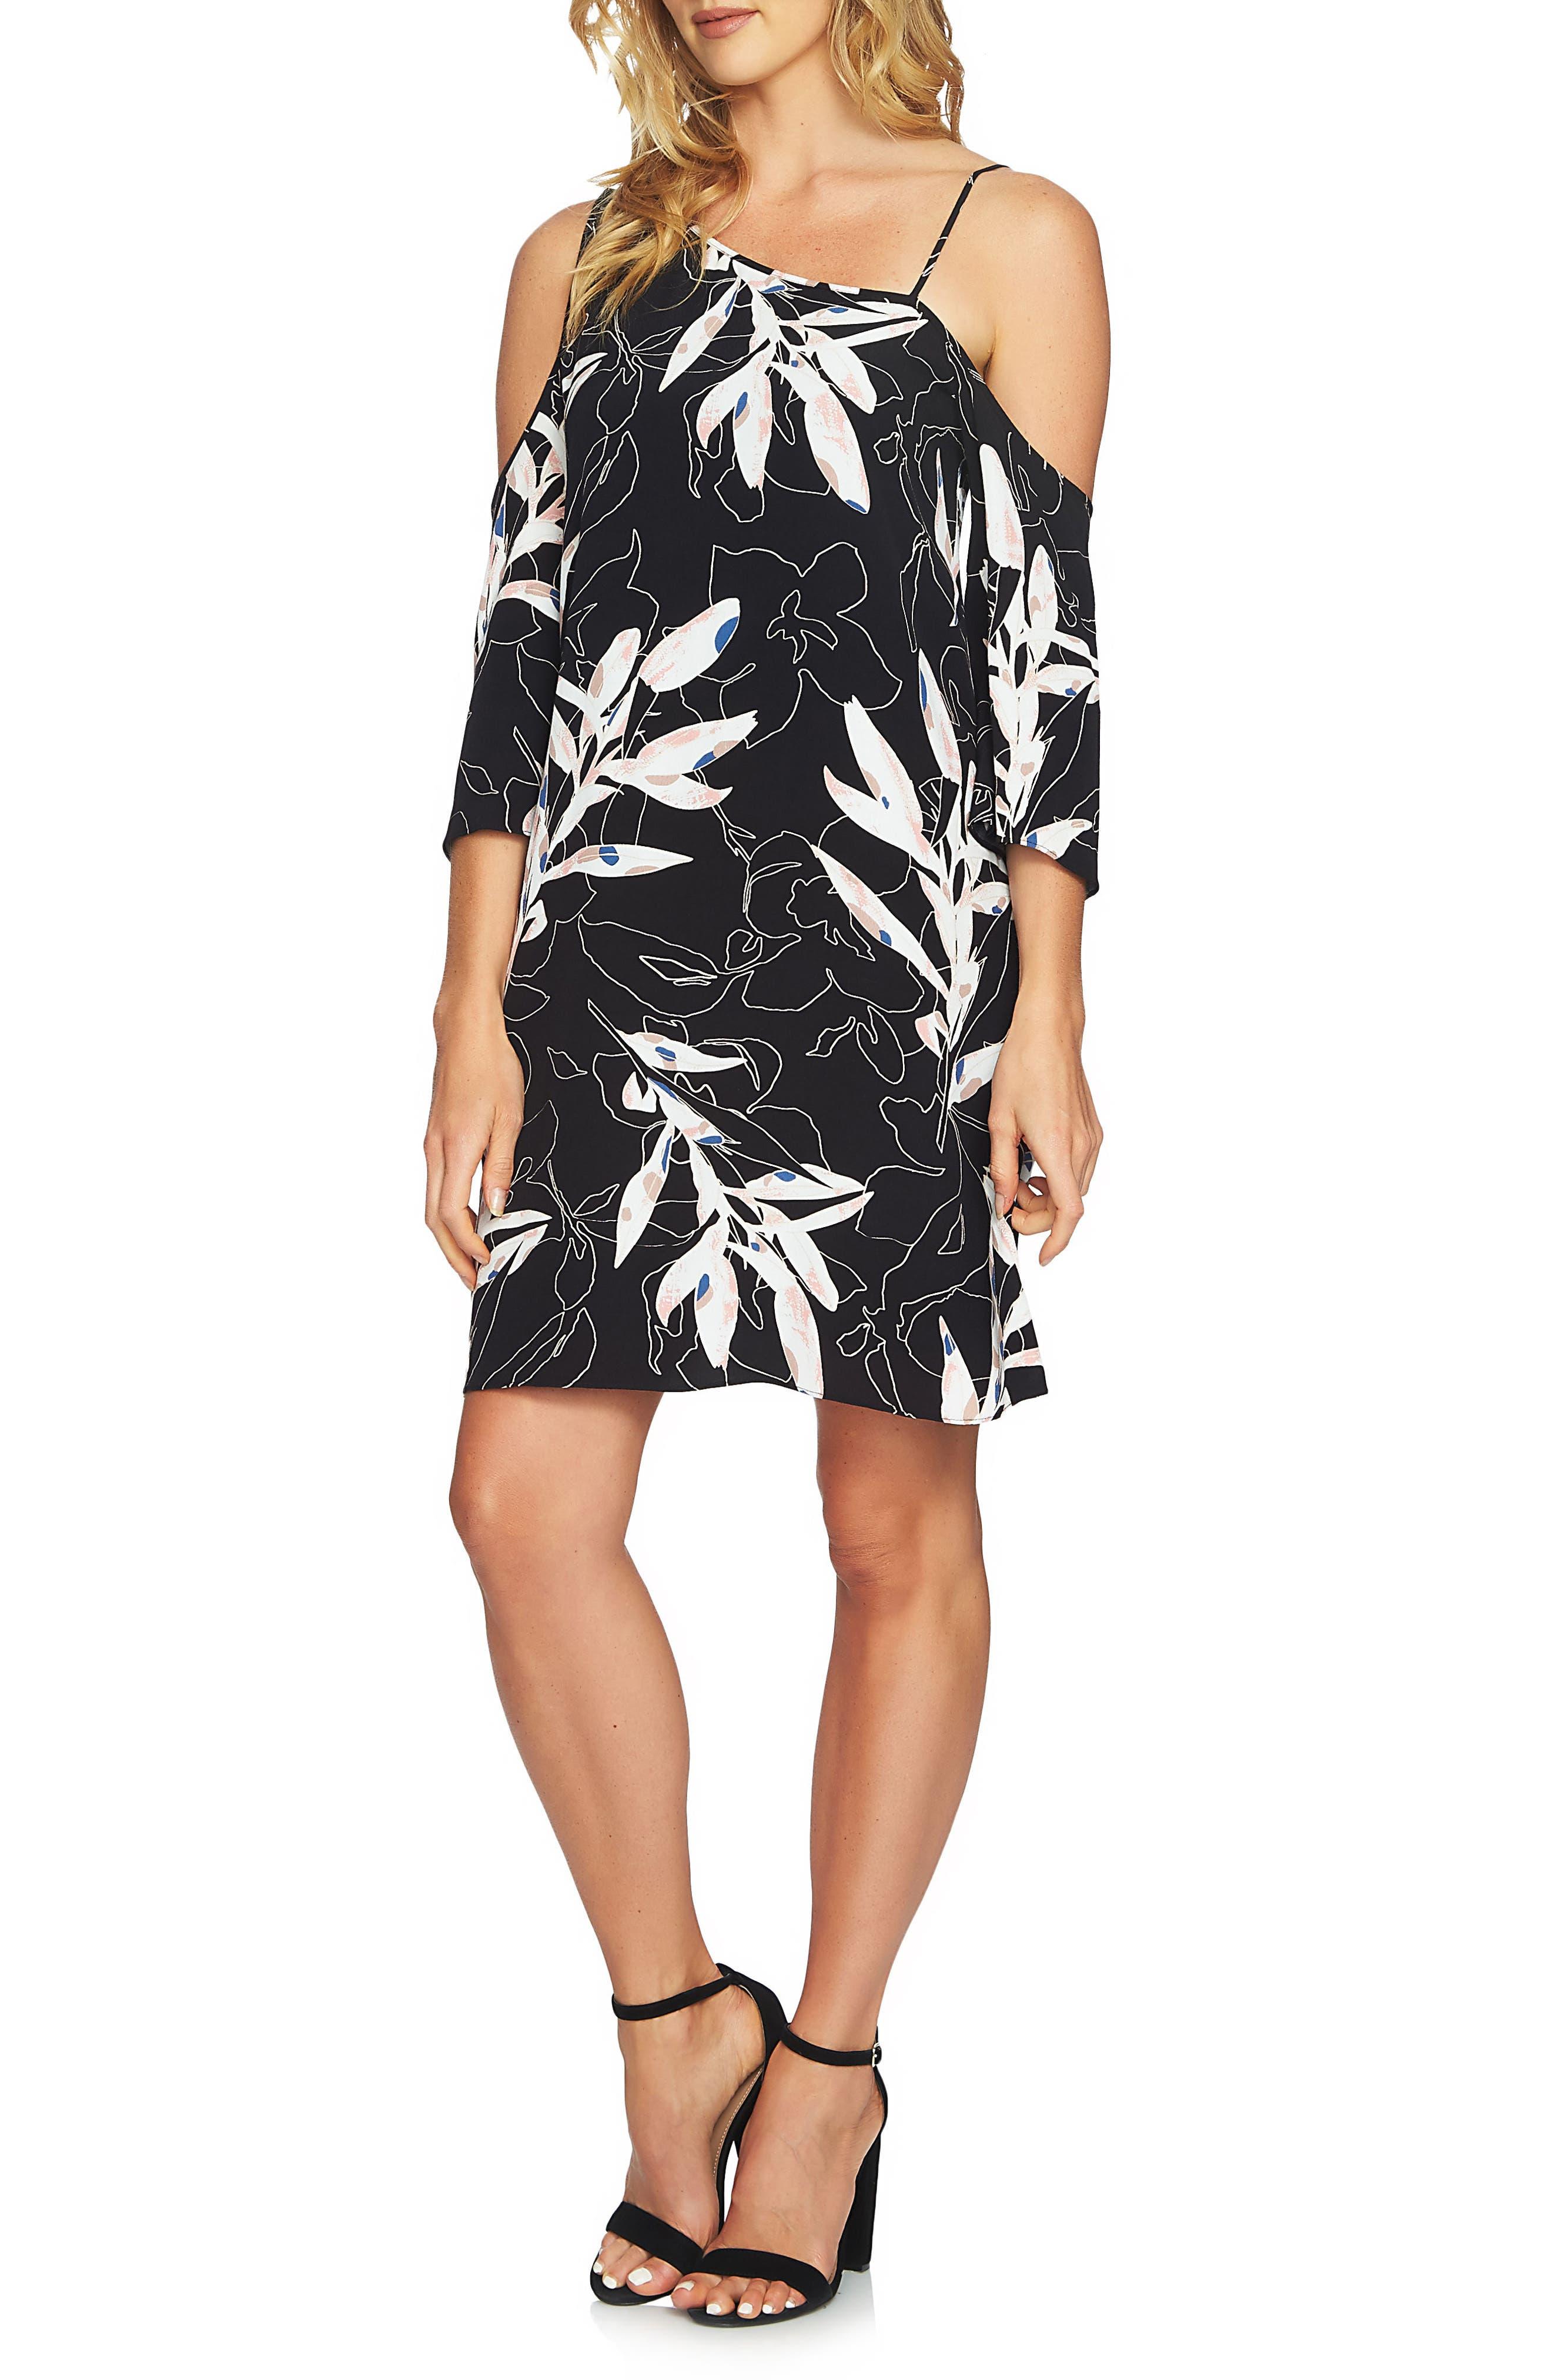 Alternate Image 1 Selected - 1.STATE Cold Shoulder Shift Dress